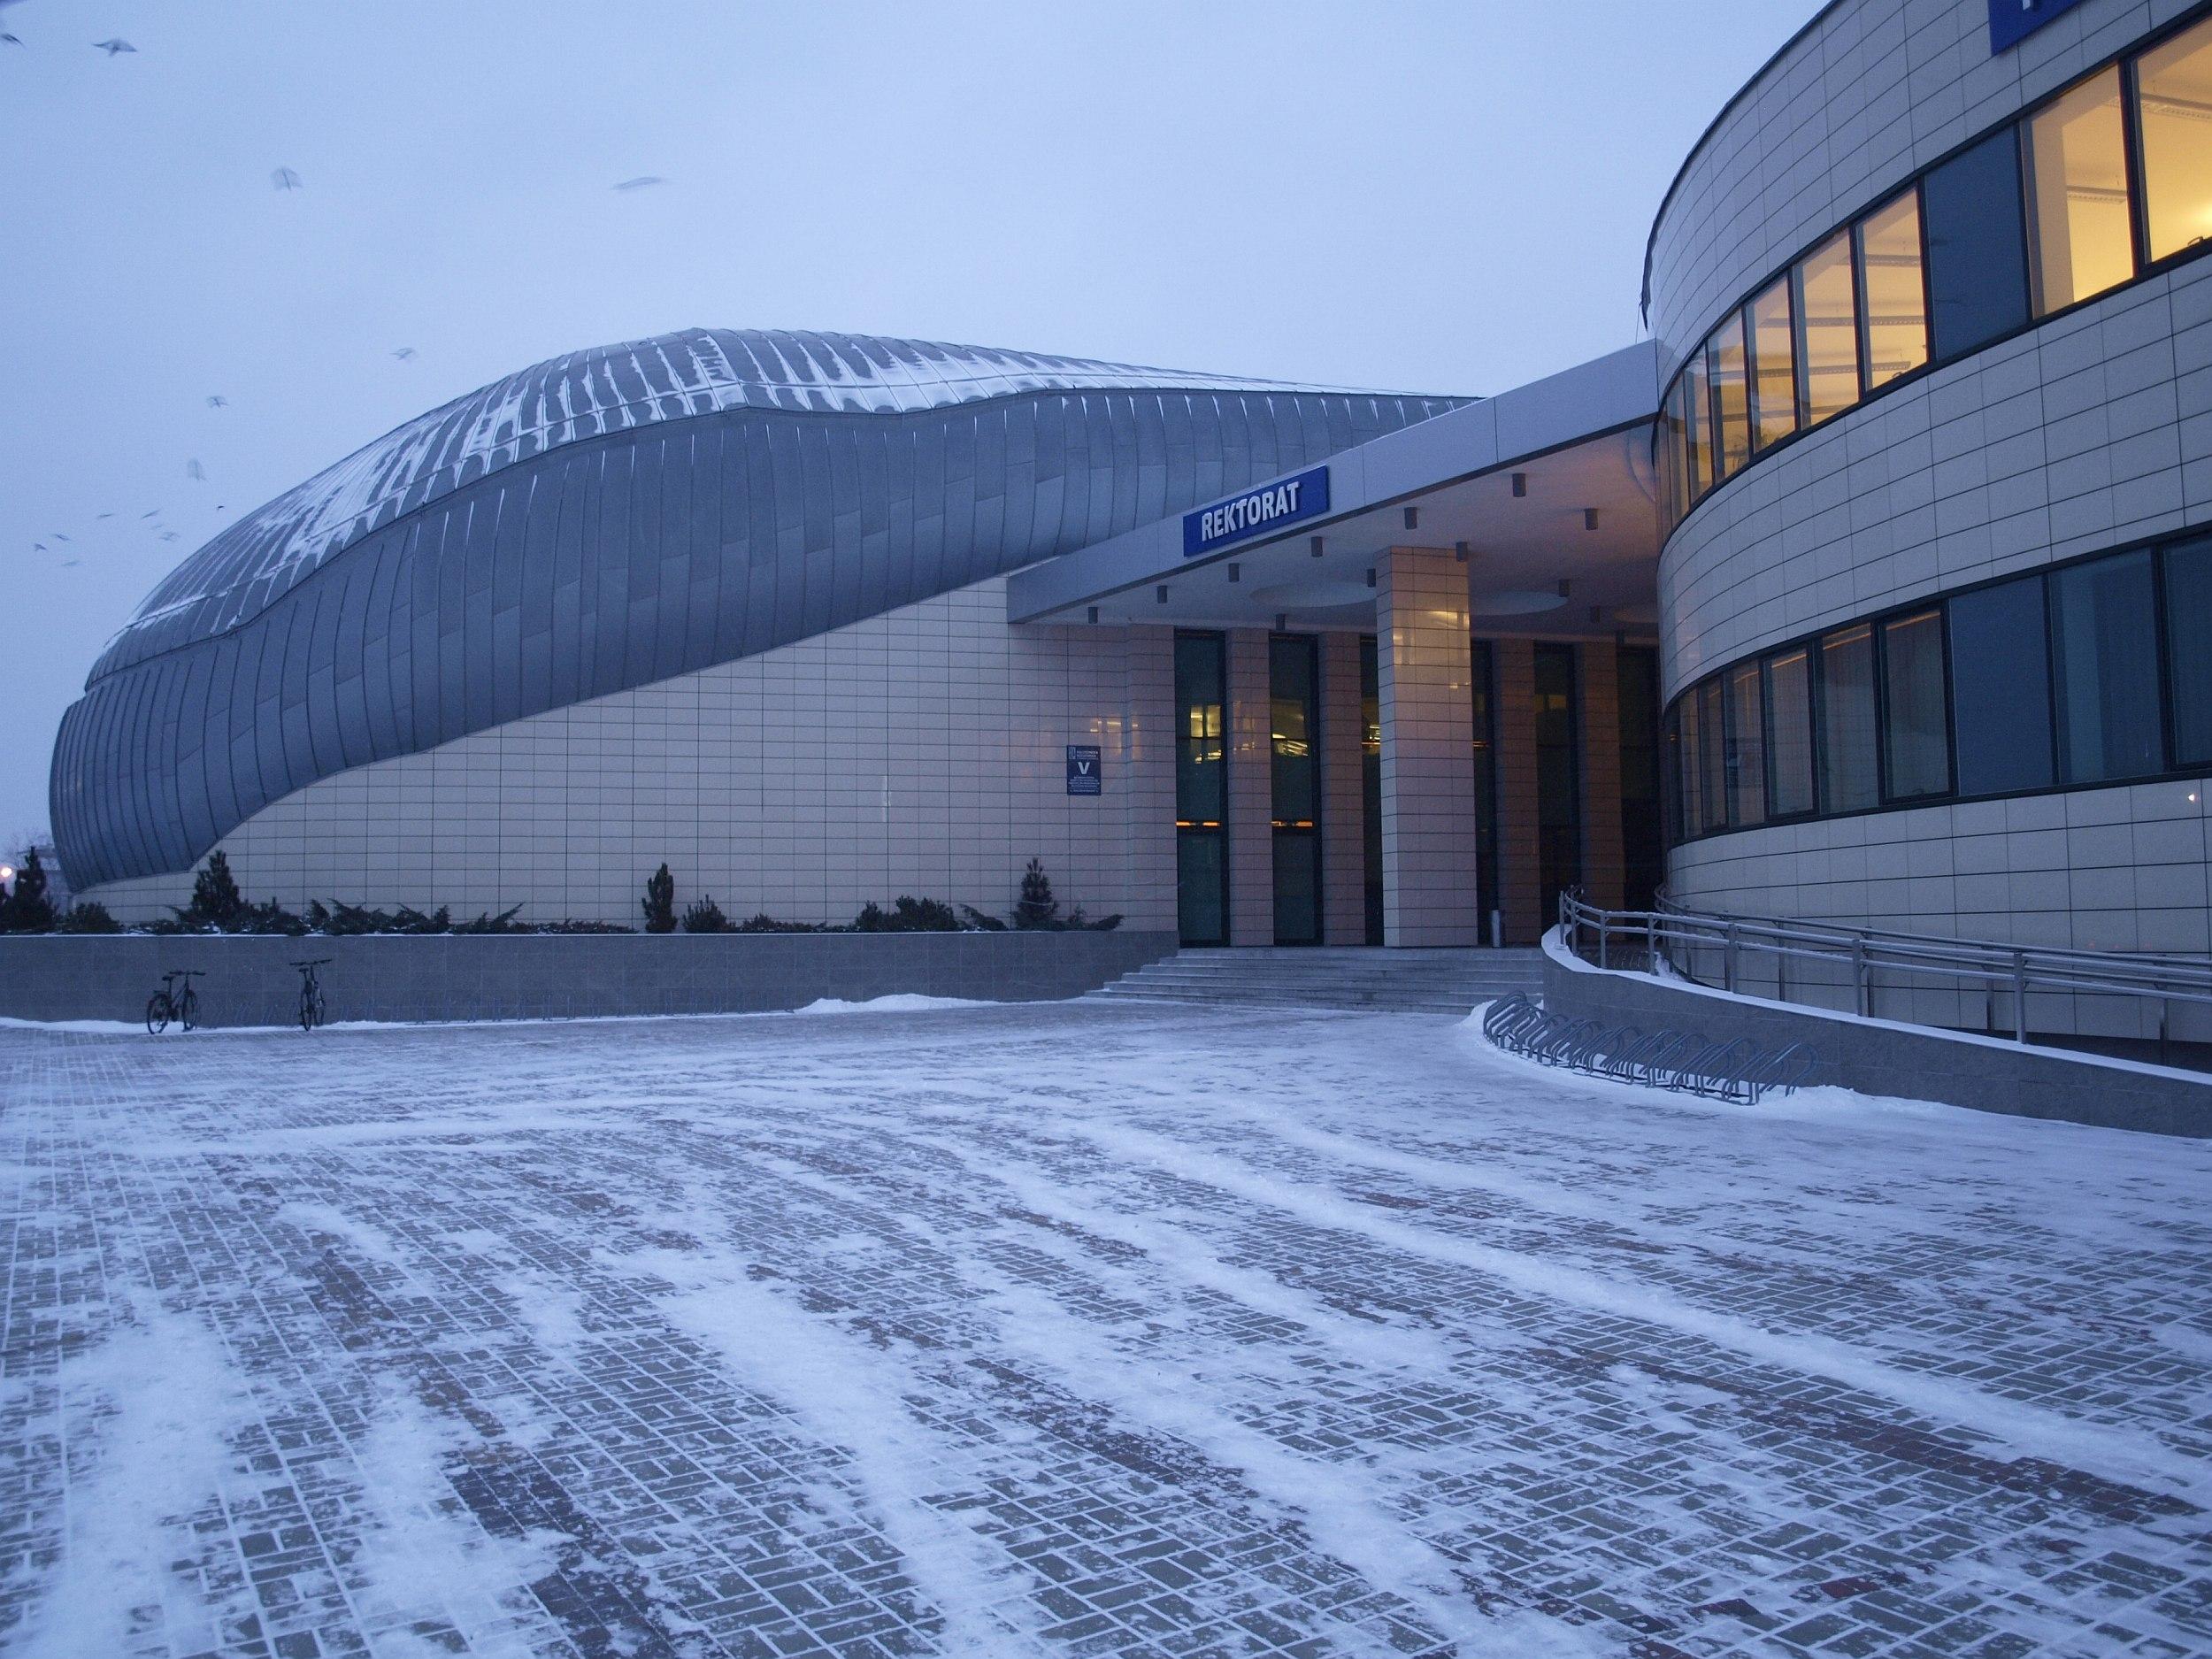 Kopuła nowego budynku Politechniki Rzeszowskiej nawiązuje kształtem do kropli wody (fot. Mateusz Witkowski)